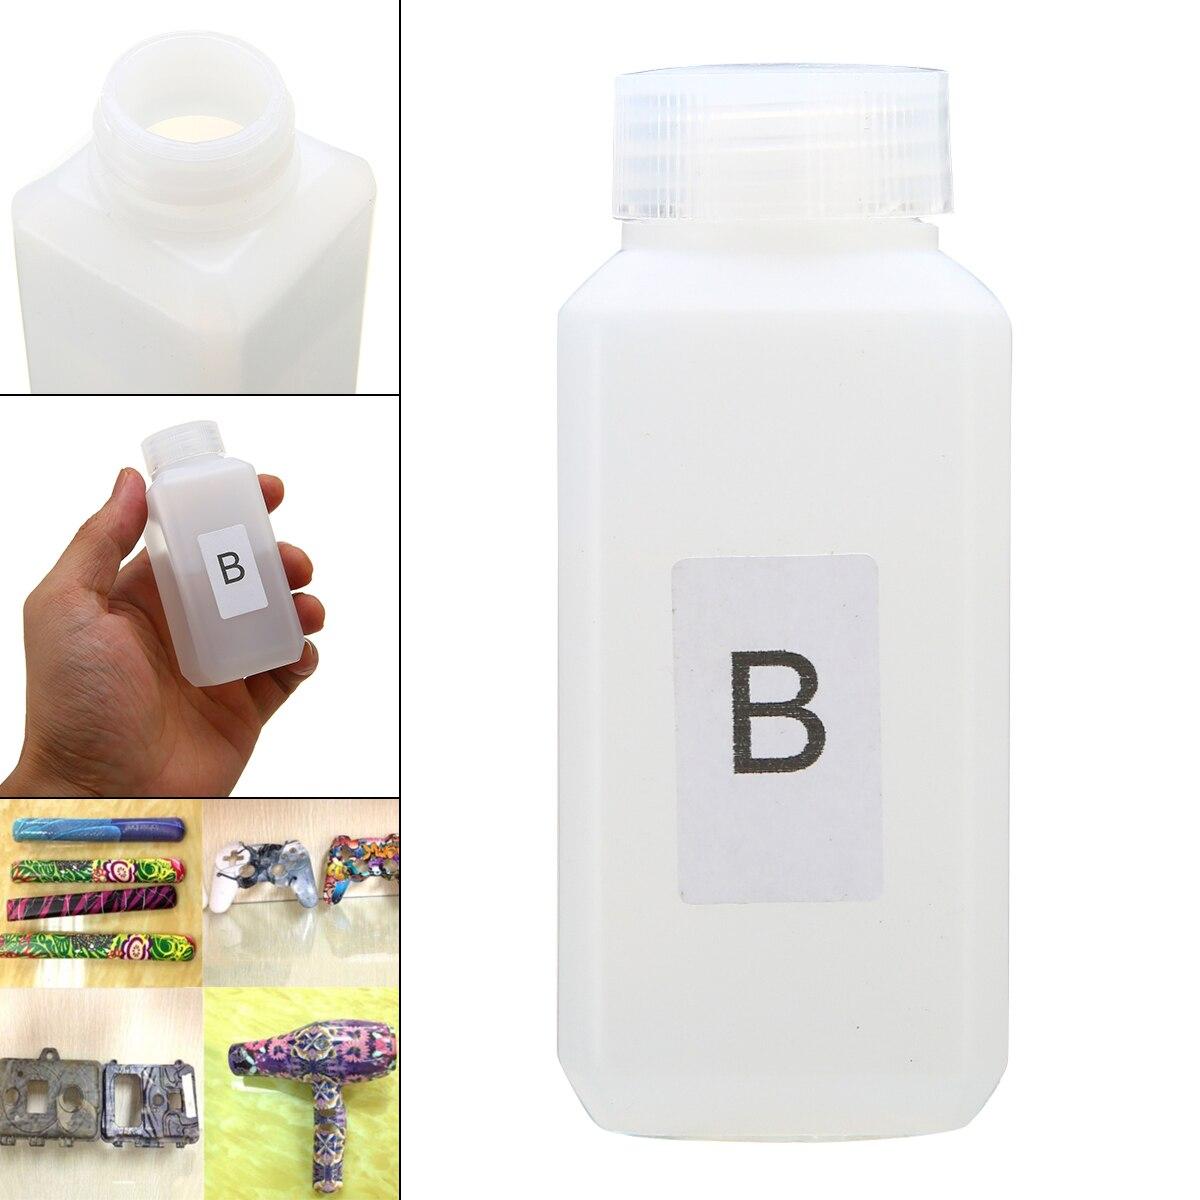 1-bouteille-50ml-activateur-b-dip-transfert-d'eau-film-d'impression-activateur-pour-film-d'impression-par-transfert-d'eau